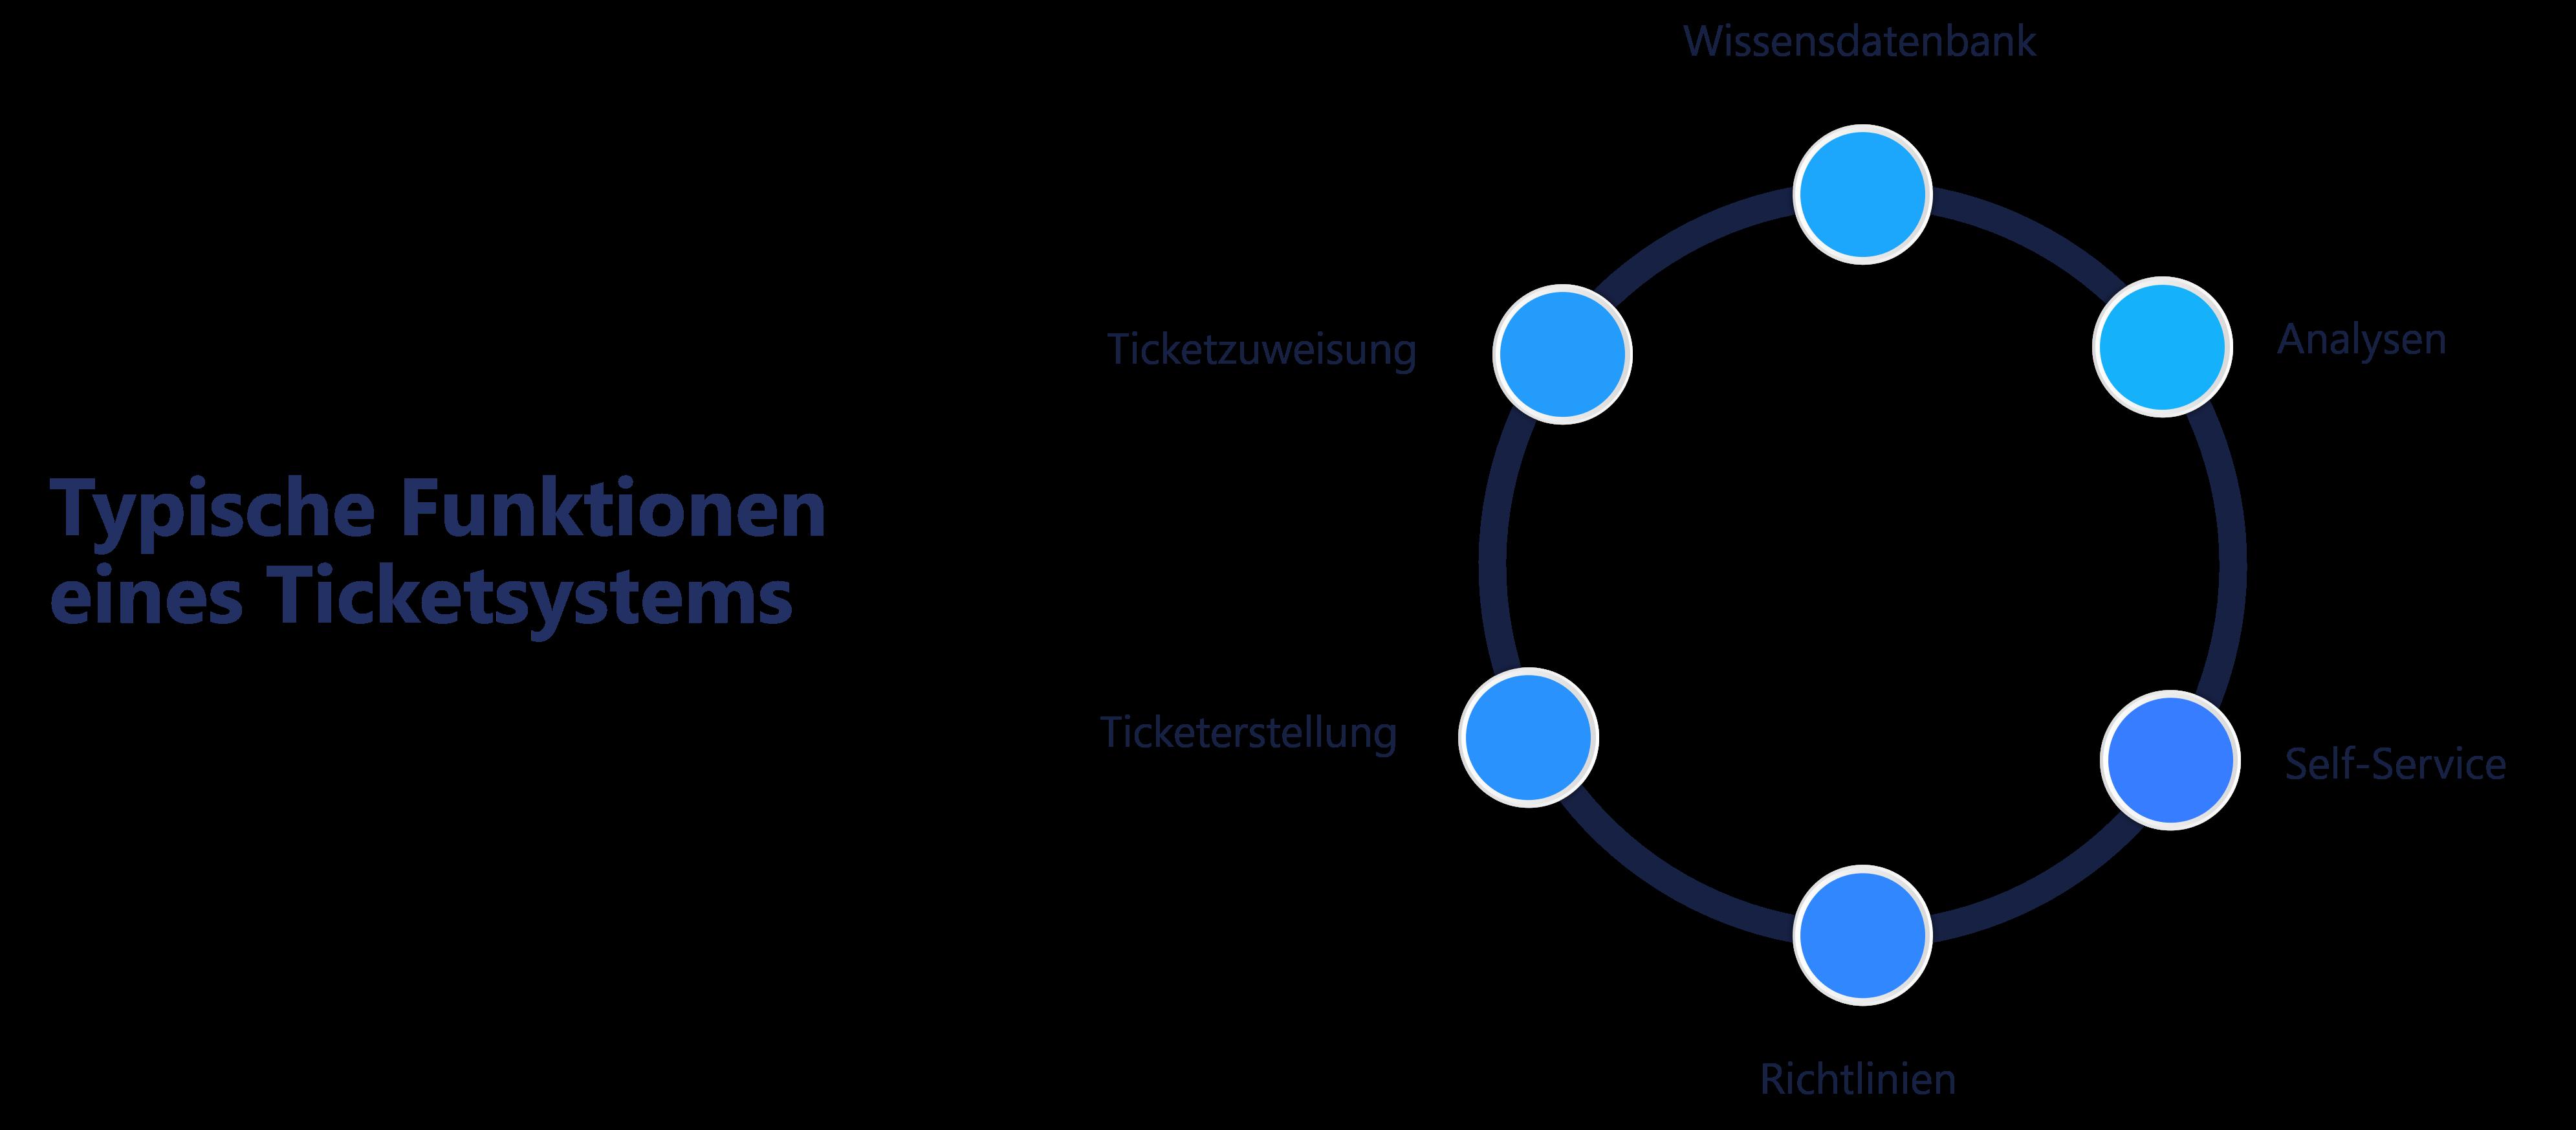 Typische Funktionen eines Ticketsystems